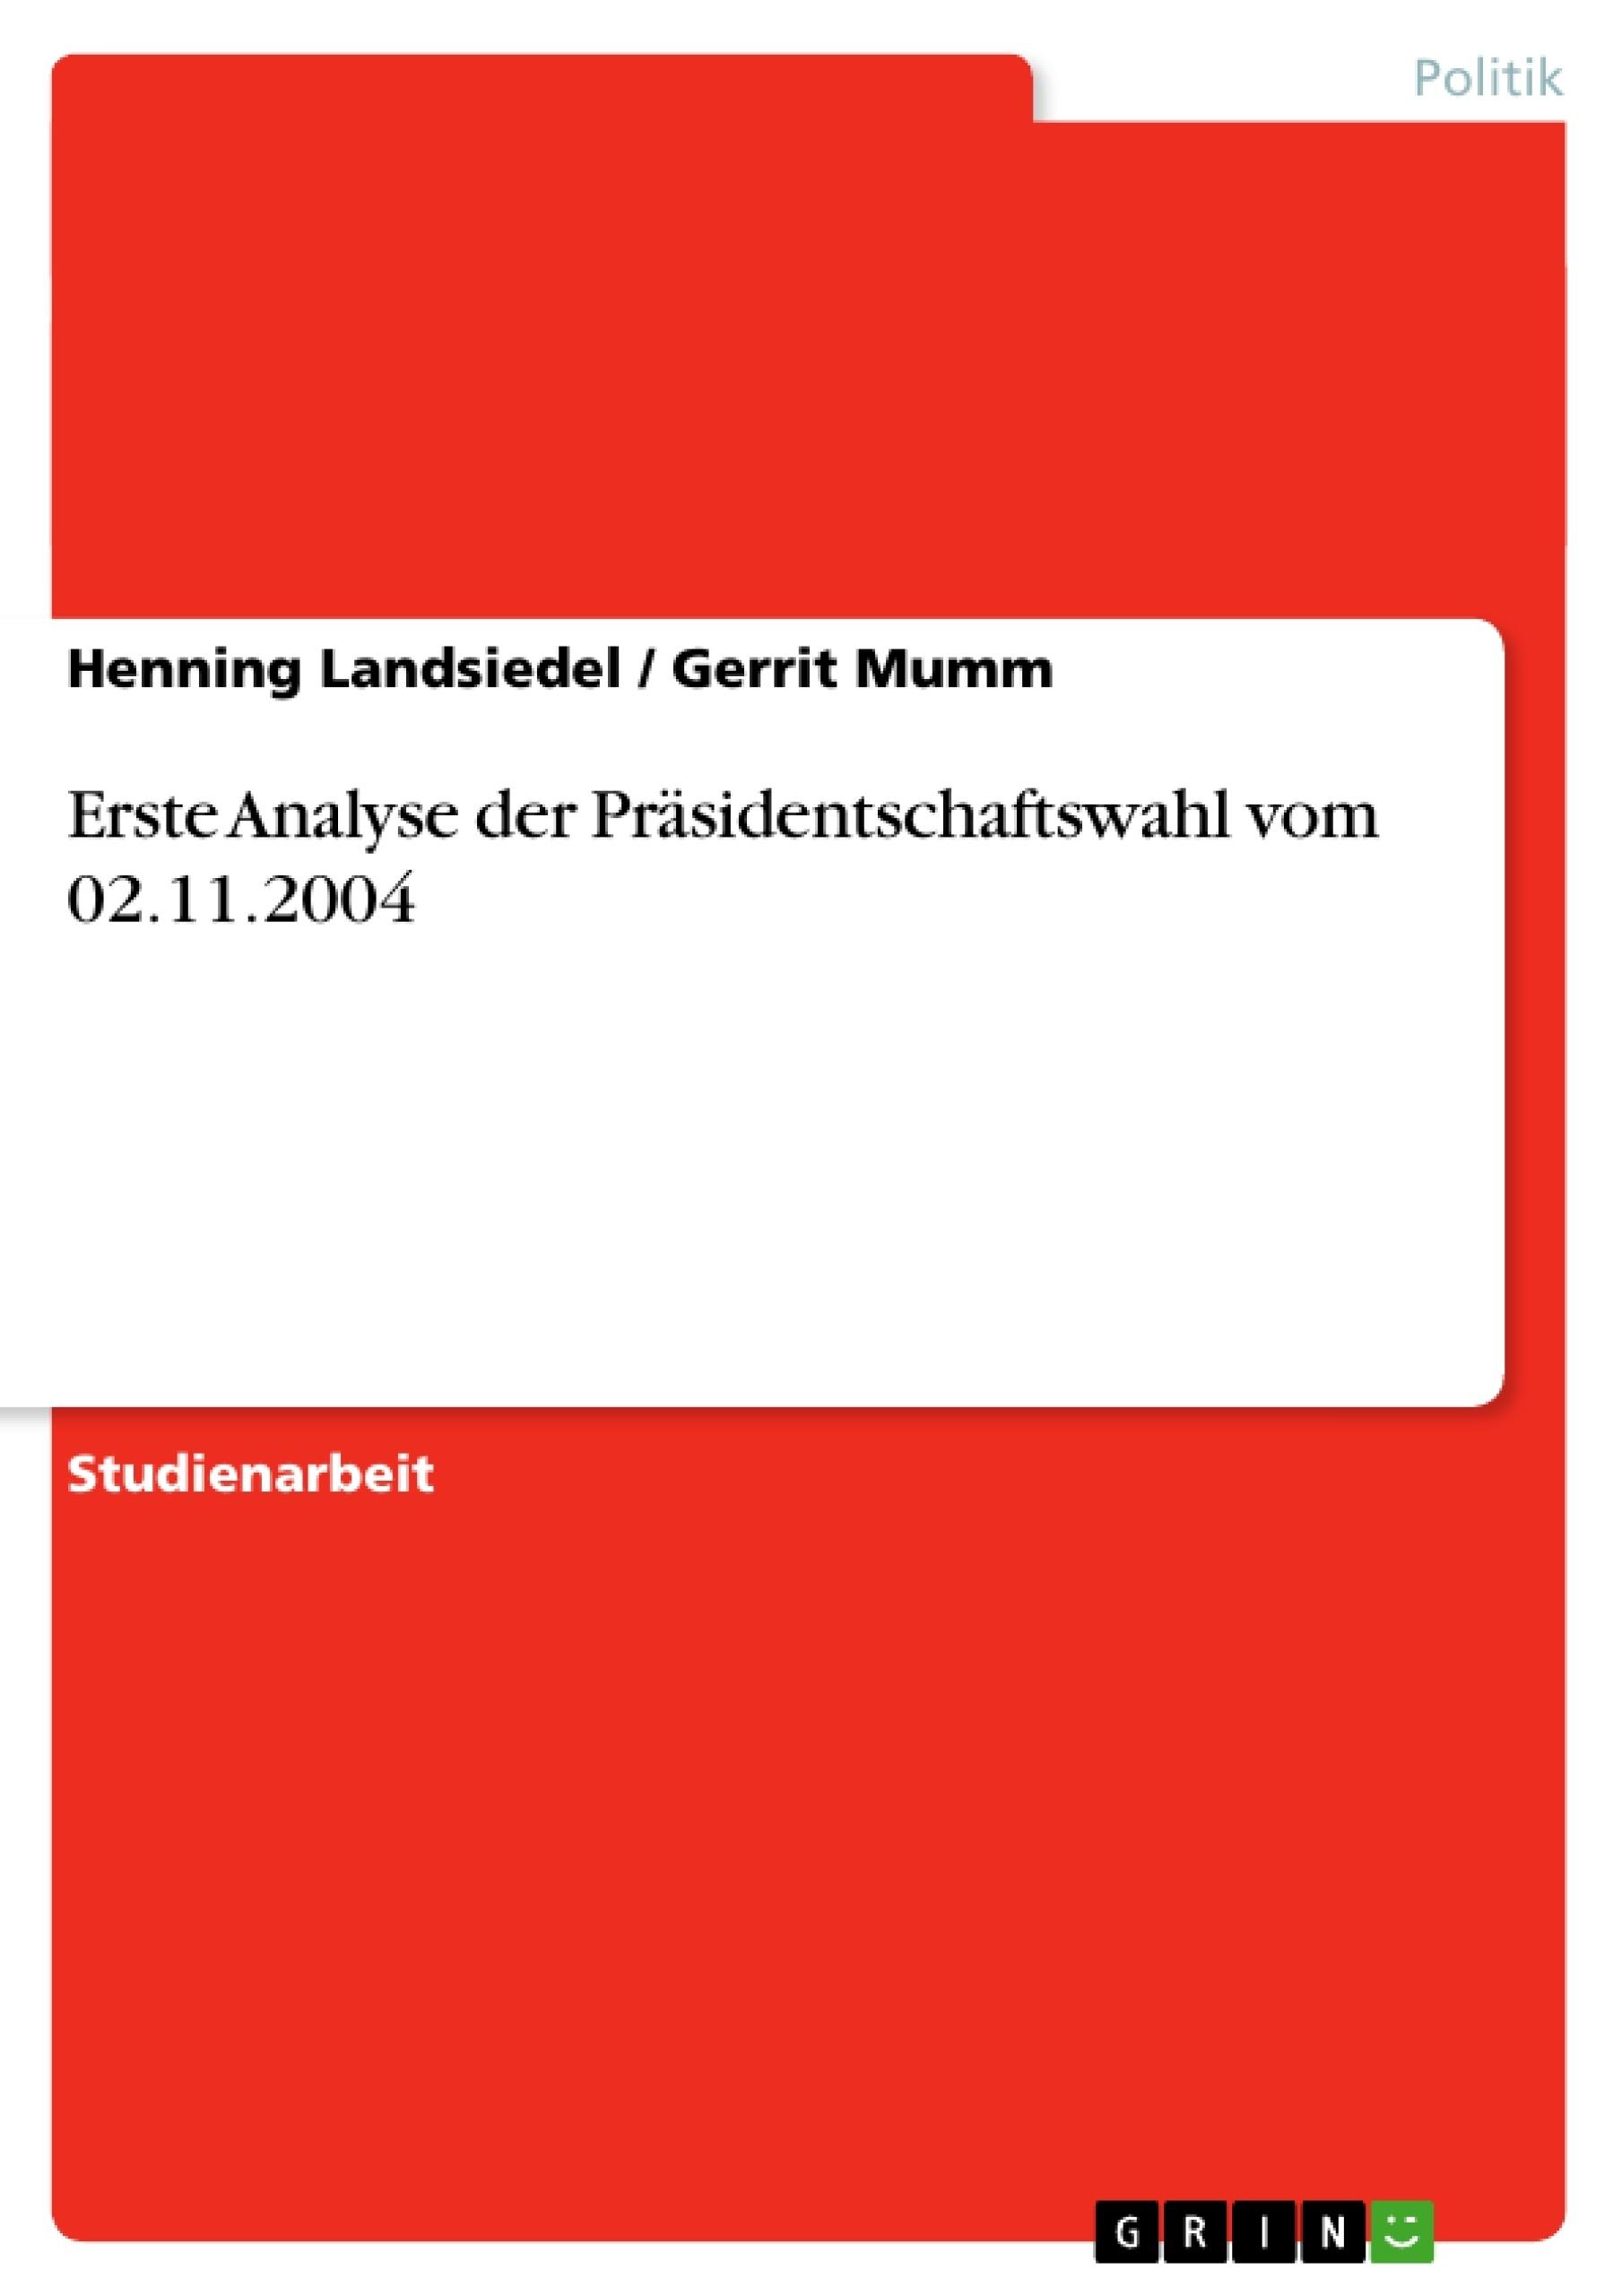 Titel: Erste Analyse der Präsidentschaftswahl vom 02.11.2004